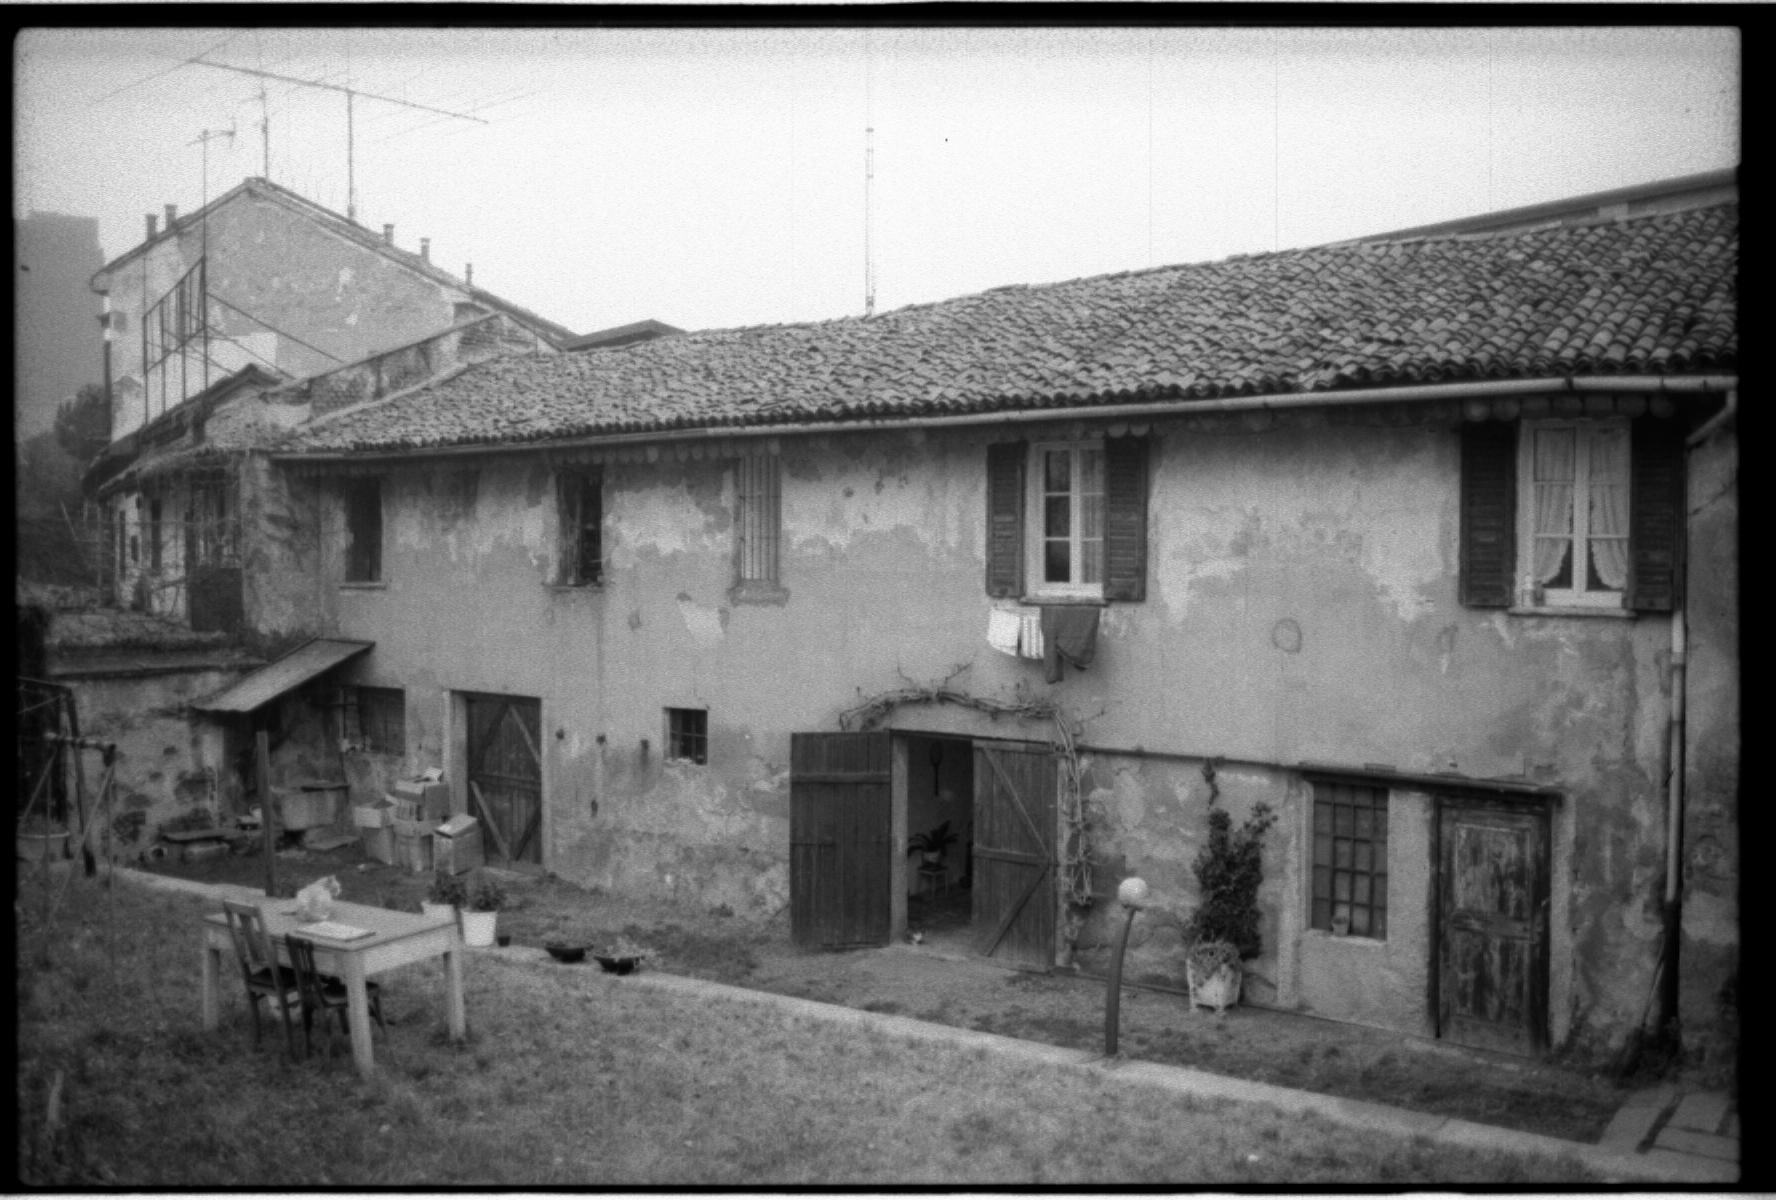 Isola Autunno 1984 17a case su via De Castillia